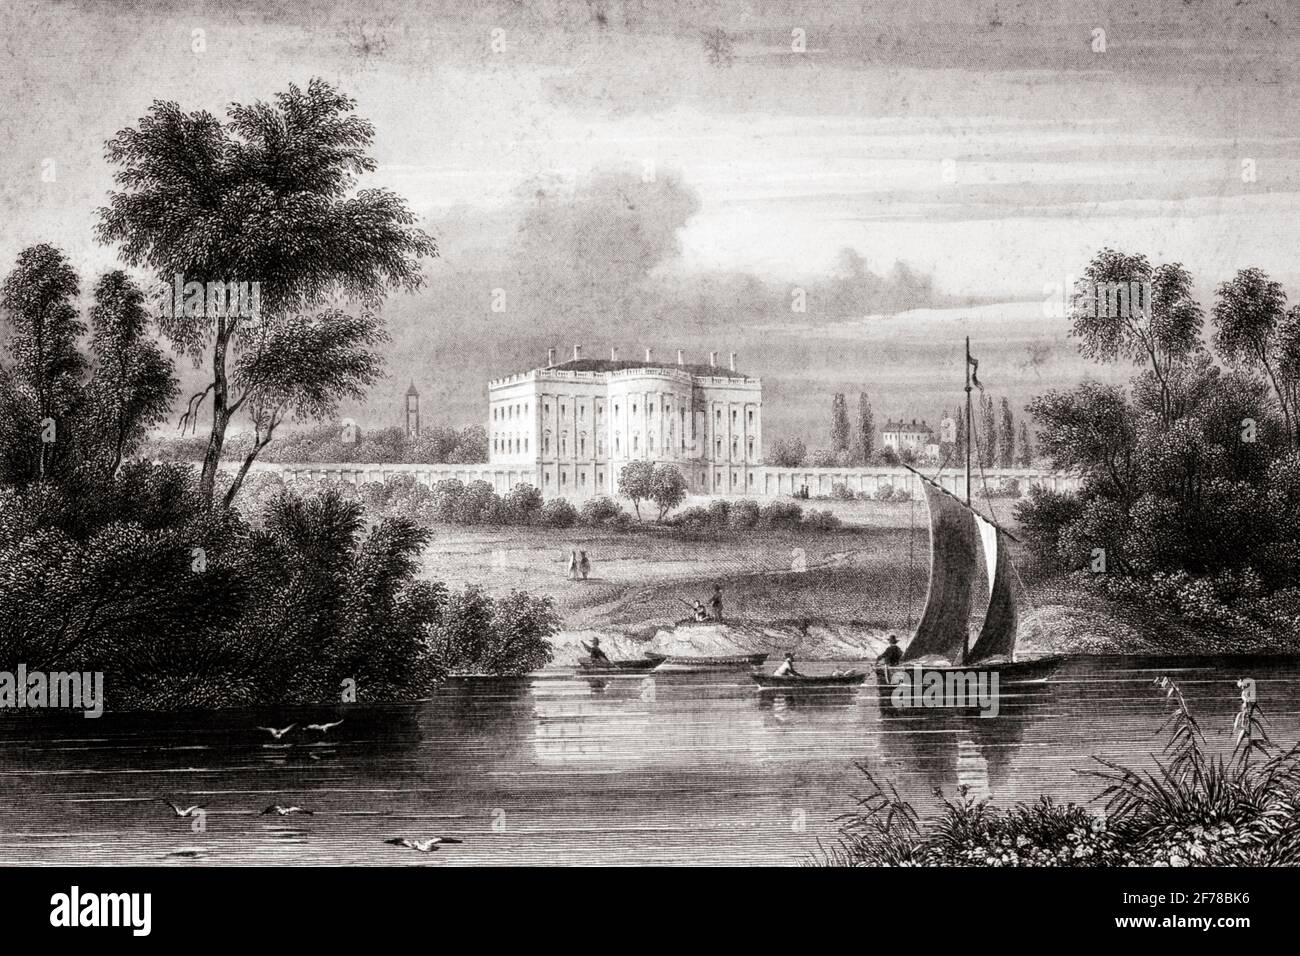 1800S 1810S VUE DES BATEAUX DE LA MAISON BLANCHE DANS FOREGROUND CONÇU PAR L'ARCHITECTE D'ORIGINE IRLANDAISE JAMES HOBAN WASHINGTON DC USA - Q65195 CPC001 HARS LIEU DE TRAVAIL EXTÉRIEUR DU PREMIER DISTRICT DE COLUMBIA MAISONS PRÉSIDENTIELLES POLITIQUE CAPITALE MANSION RÉSIDENCE OFFICIELLE POTOMAC 1810 NOIR ET LE QUARTIER BLANC FÉDÉRAL PREMIER PLAN MAISON BLANCHE À L'ANCIENNE Banque D'Images